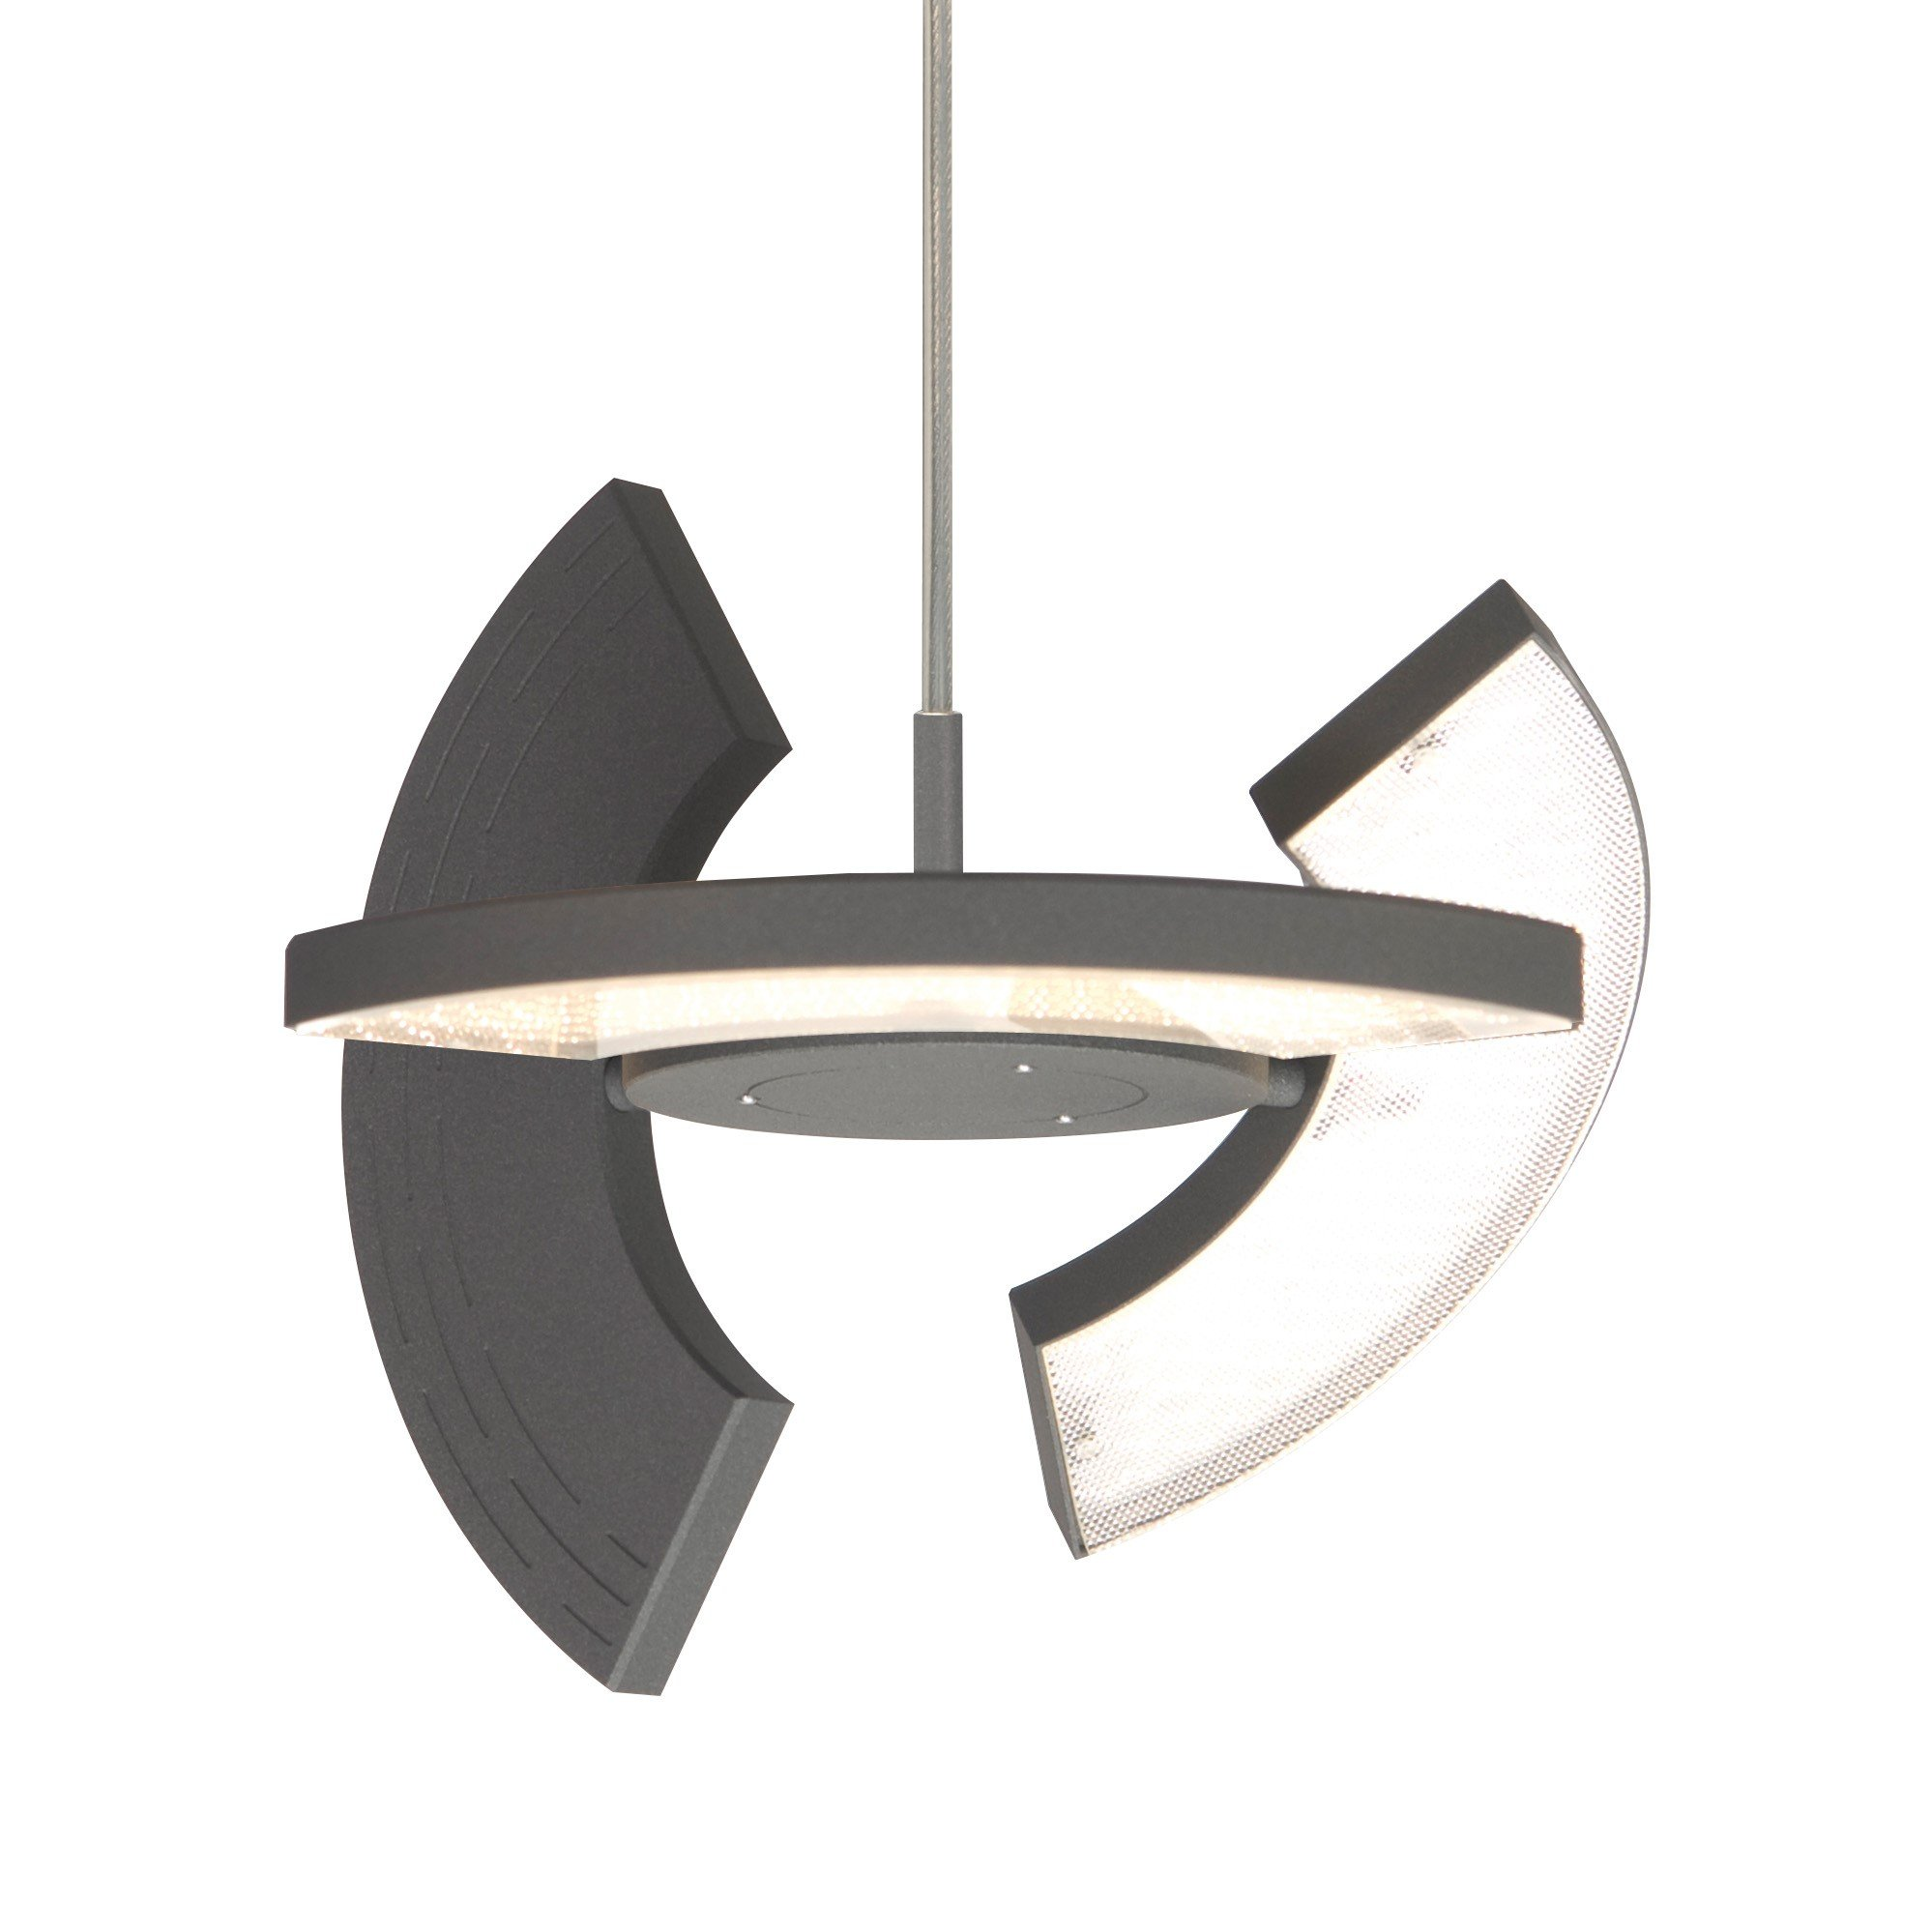 Hanglamp Oligo Trinity In 3 Kleuren